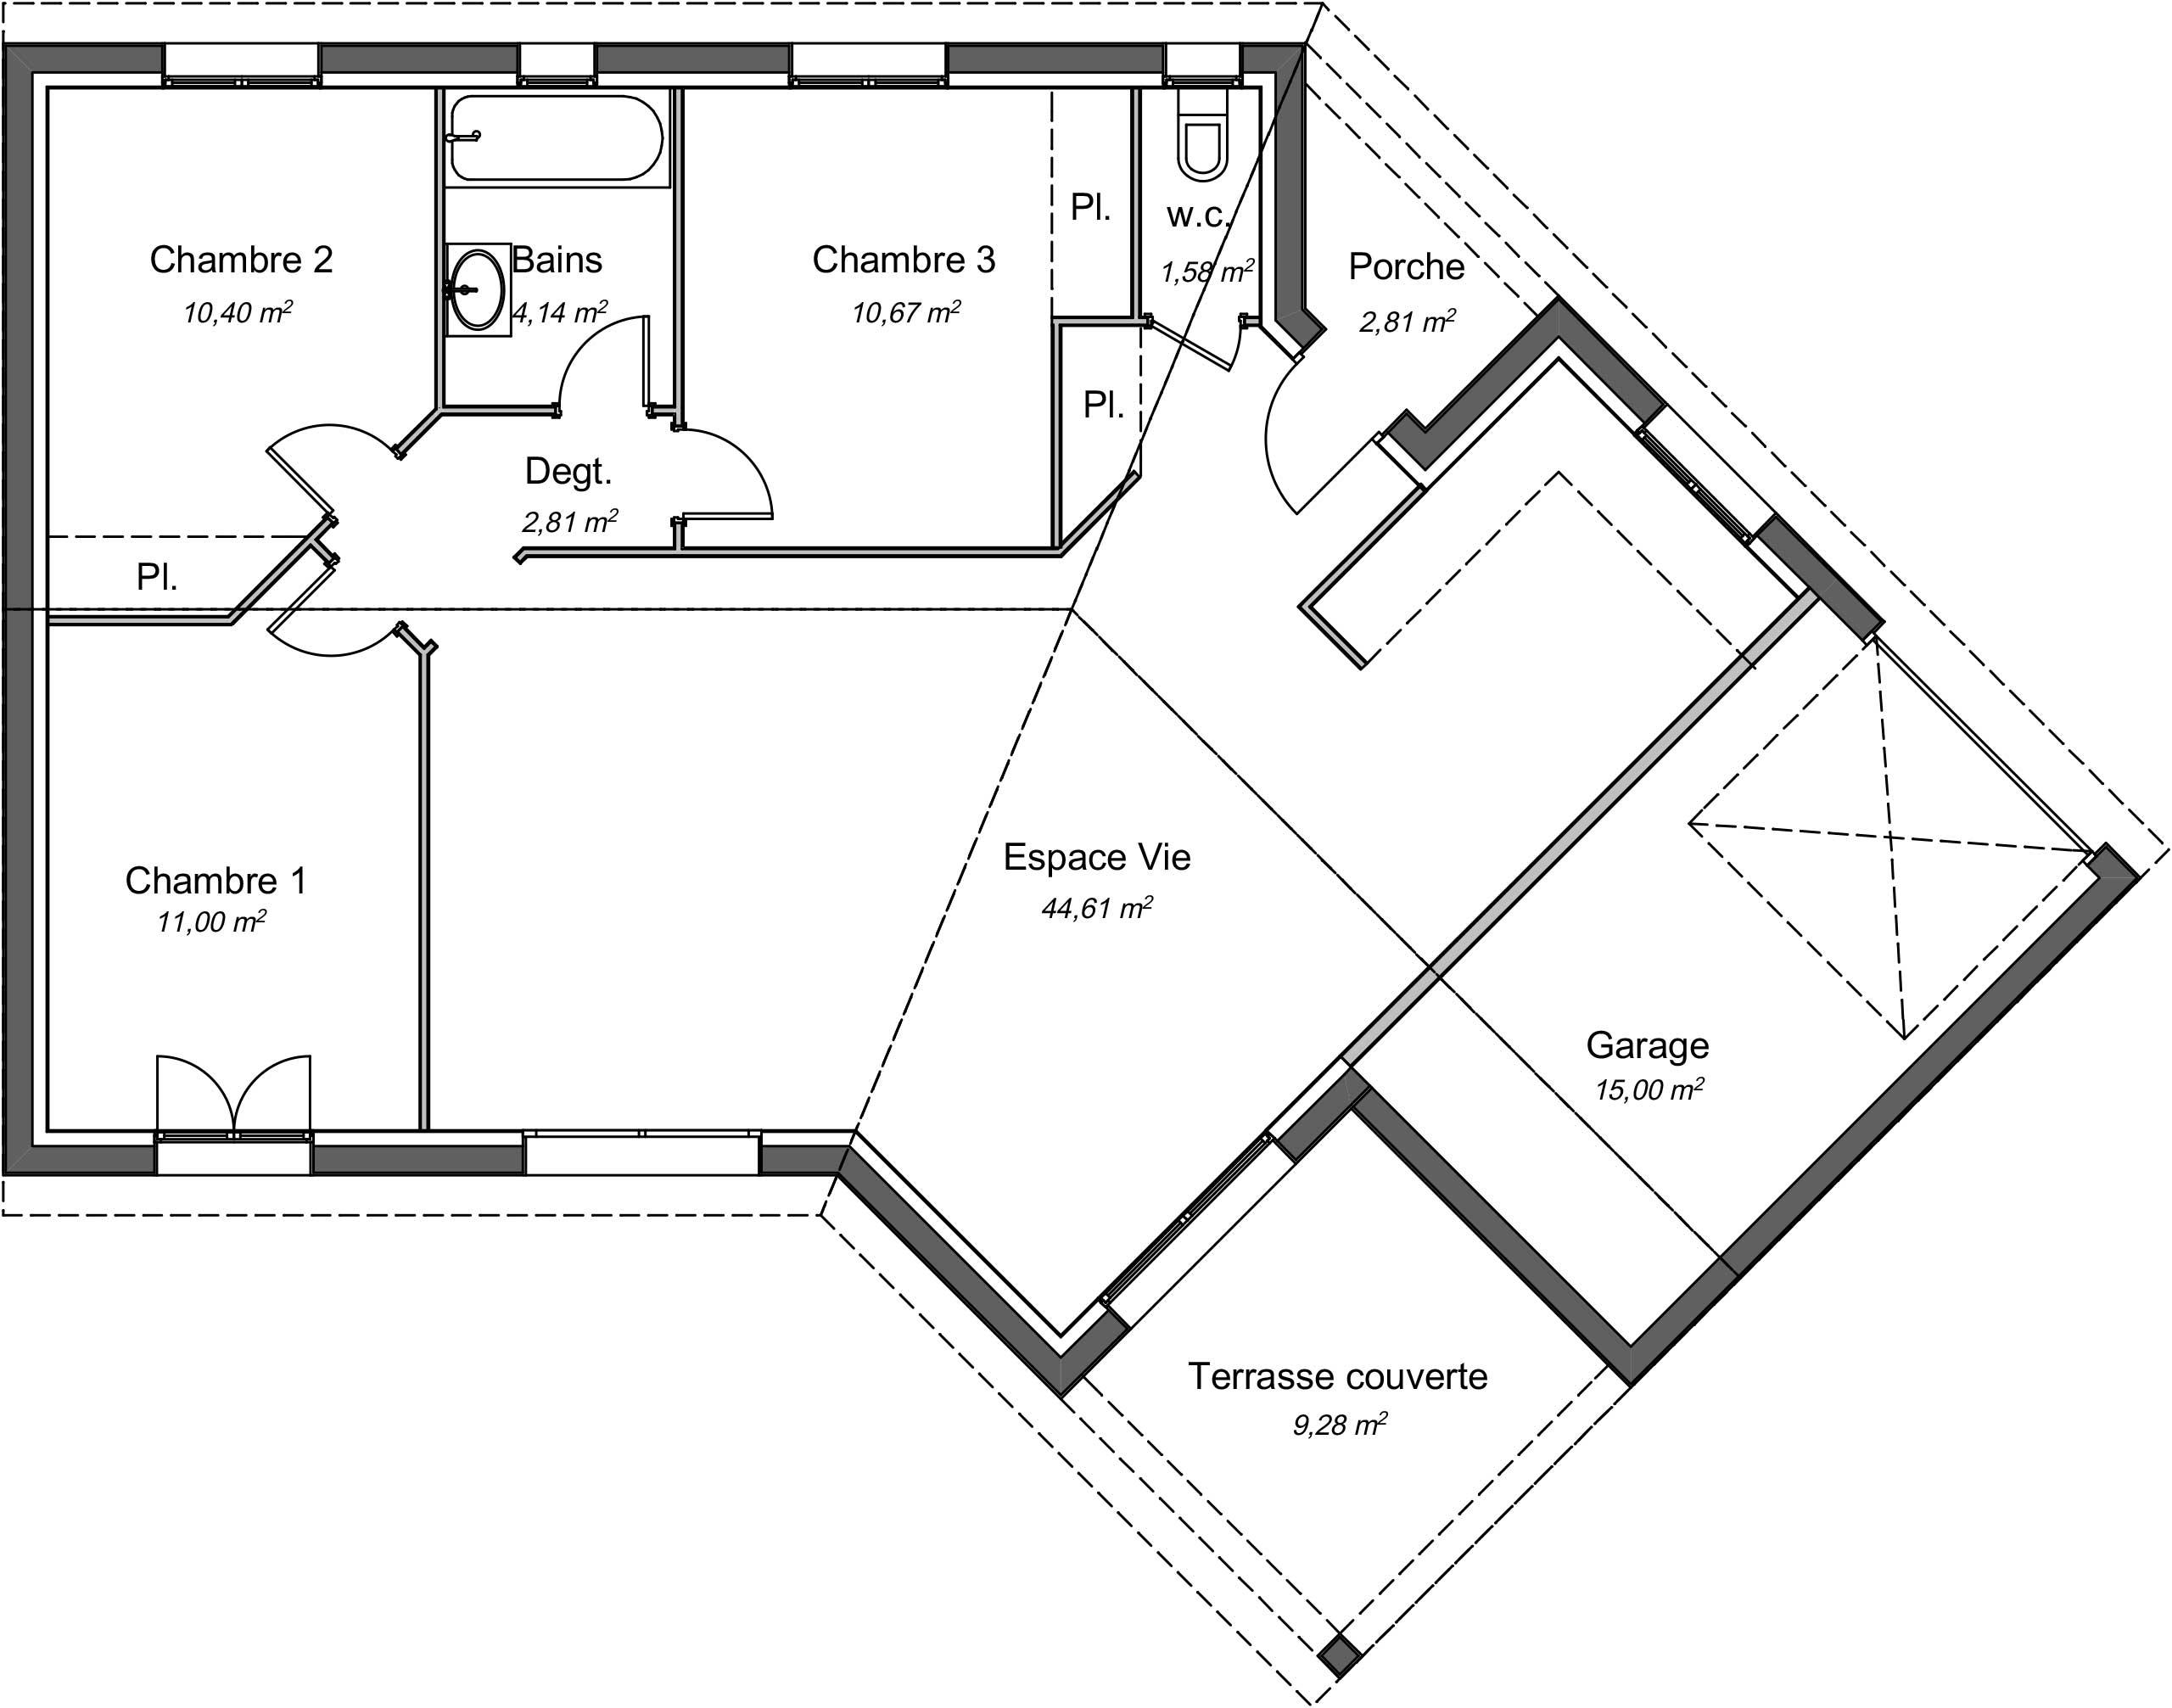 Maison Contemporaine Plain Pied ébène Avec Plans Demeures